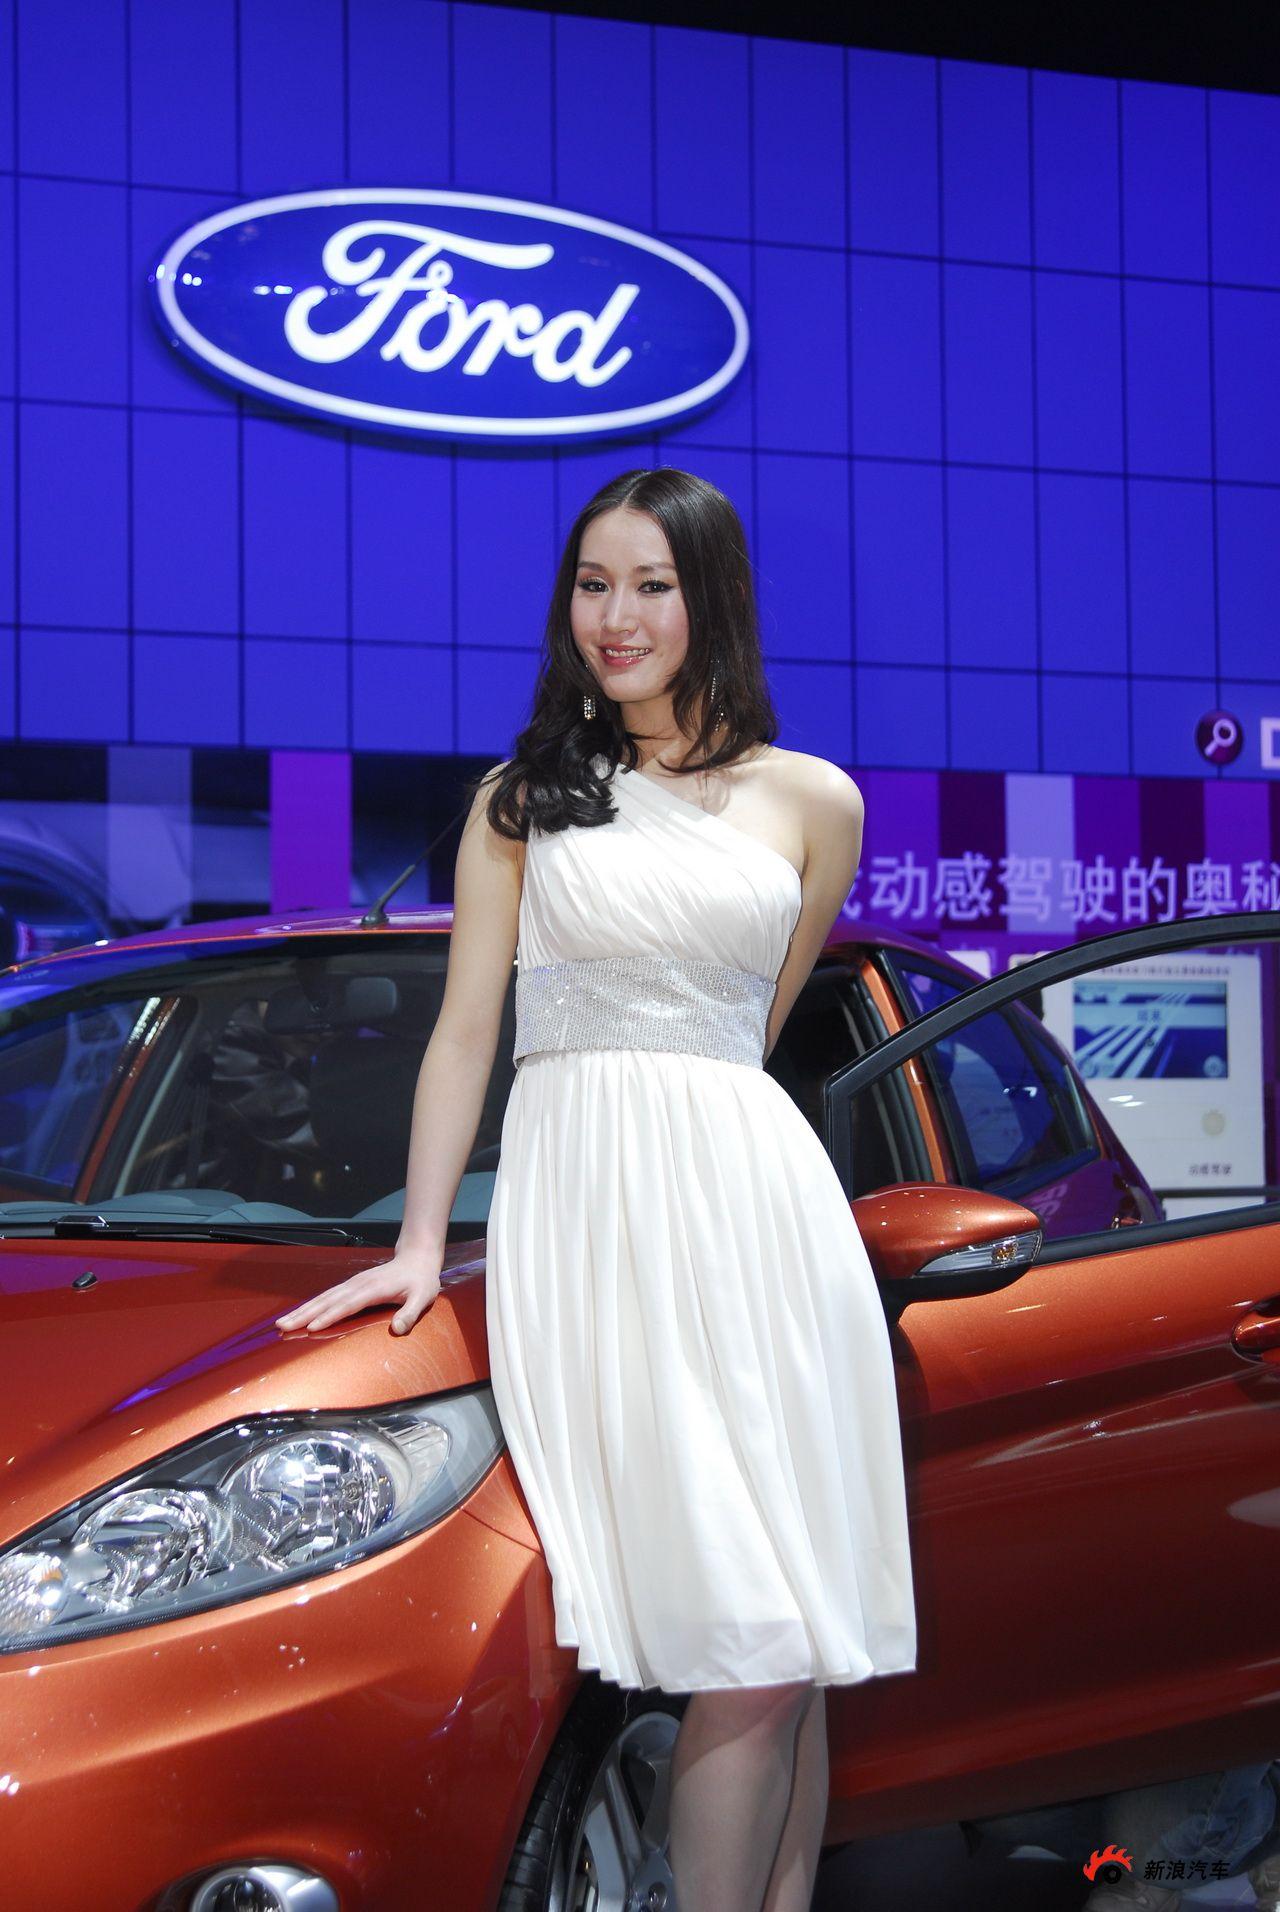 福特展台2号模特